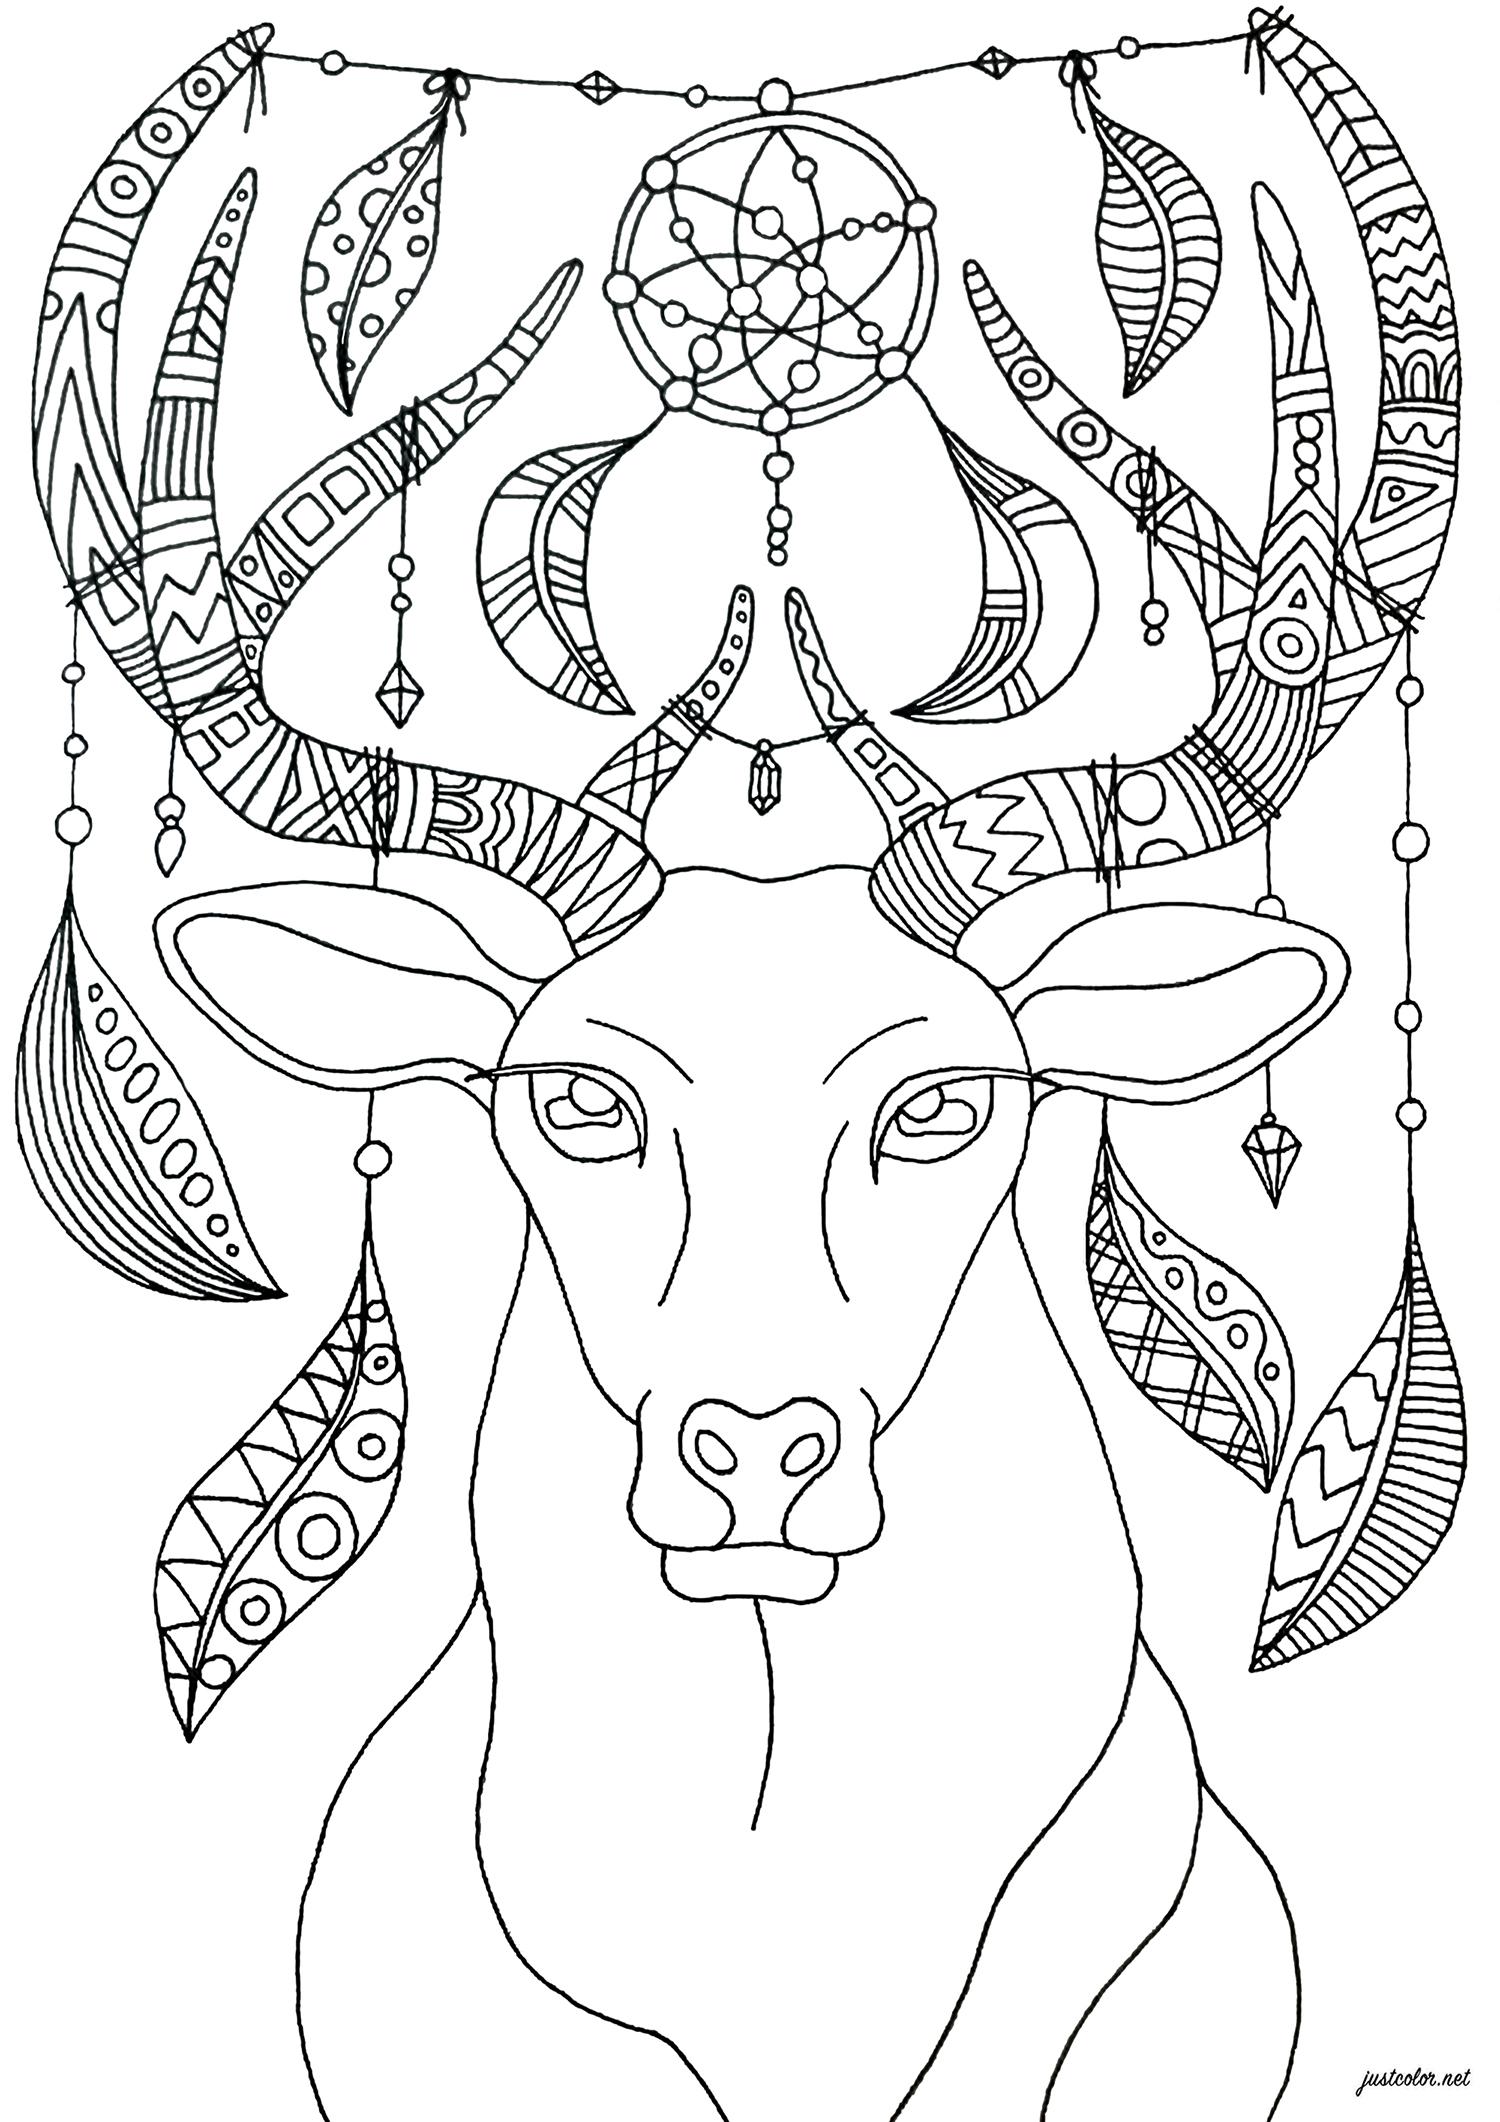 Coloriez ce cerf au ornements bohèmes et relaxants - version simple